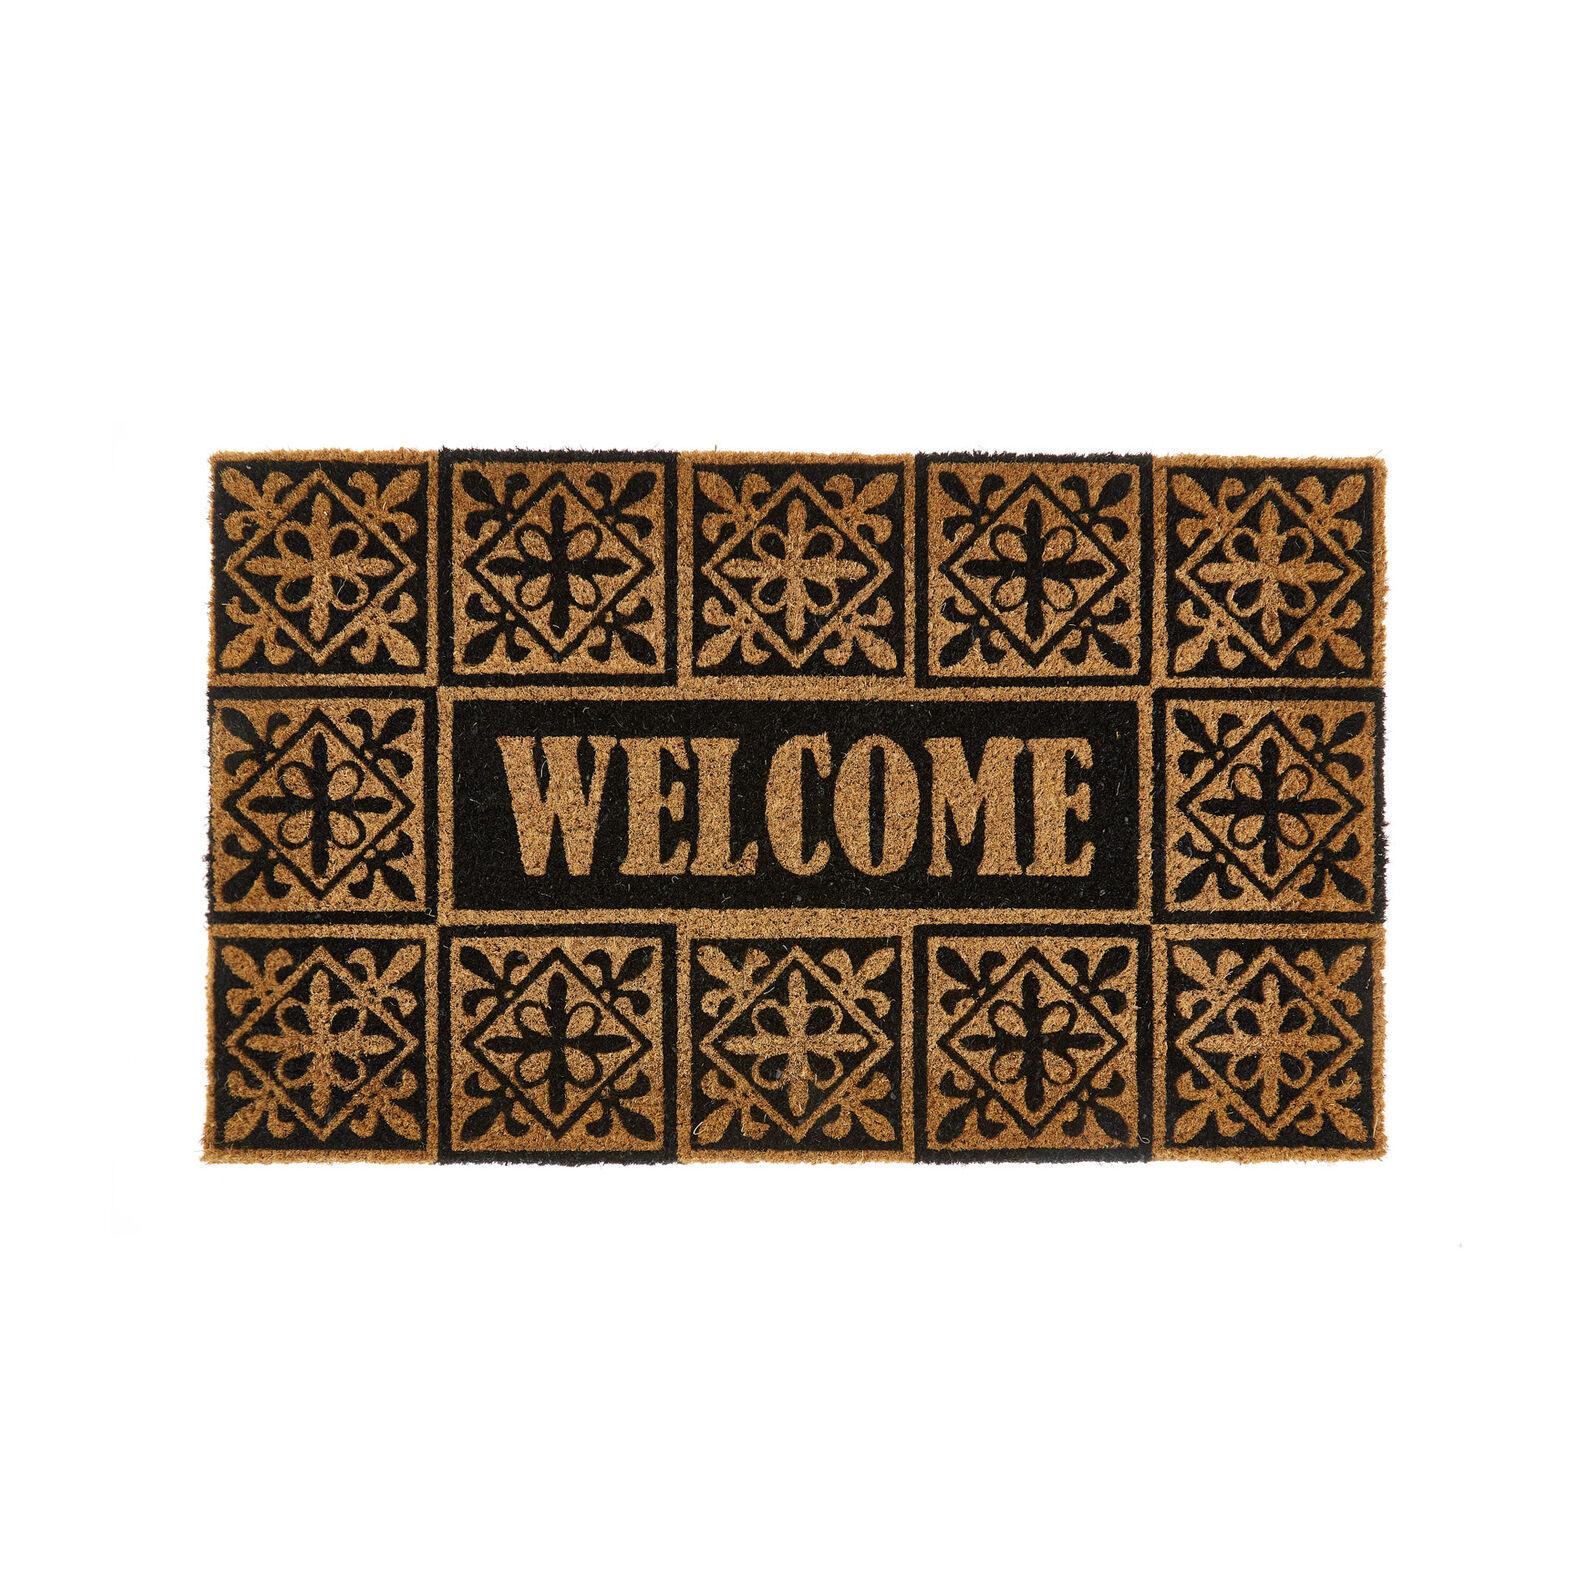 Welcome doormat in coconut